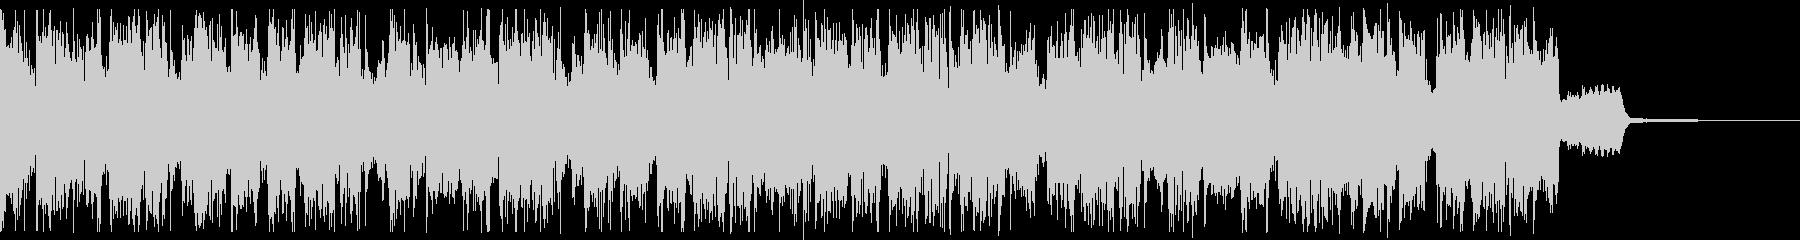 半音で行き来するトランペットのジングルの未再生の波形